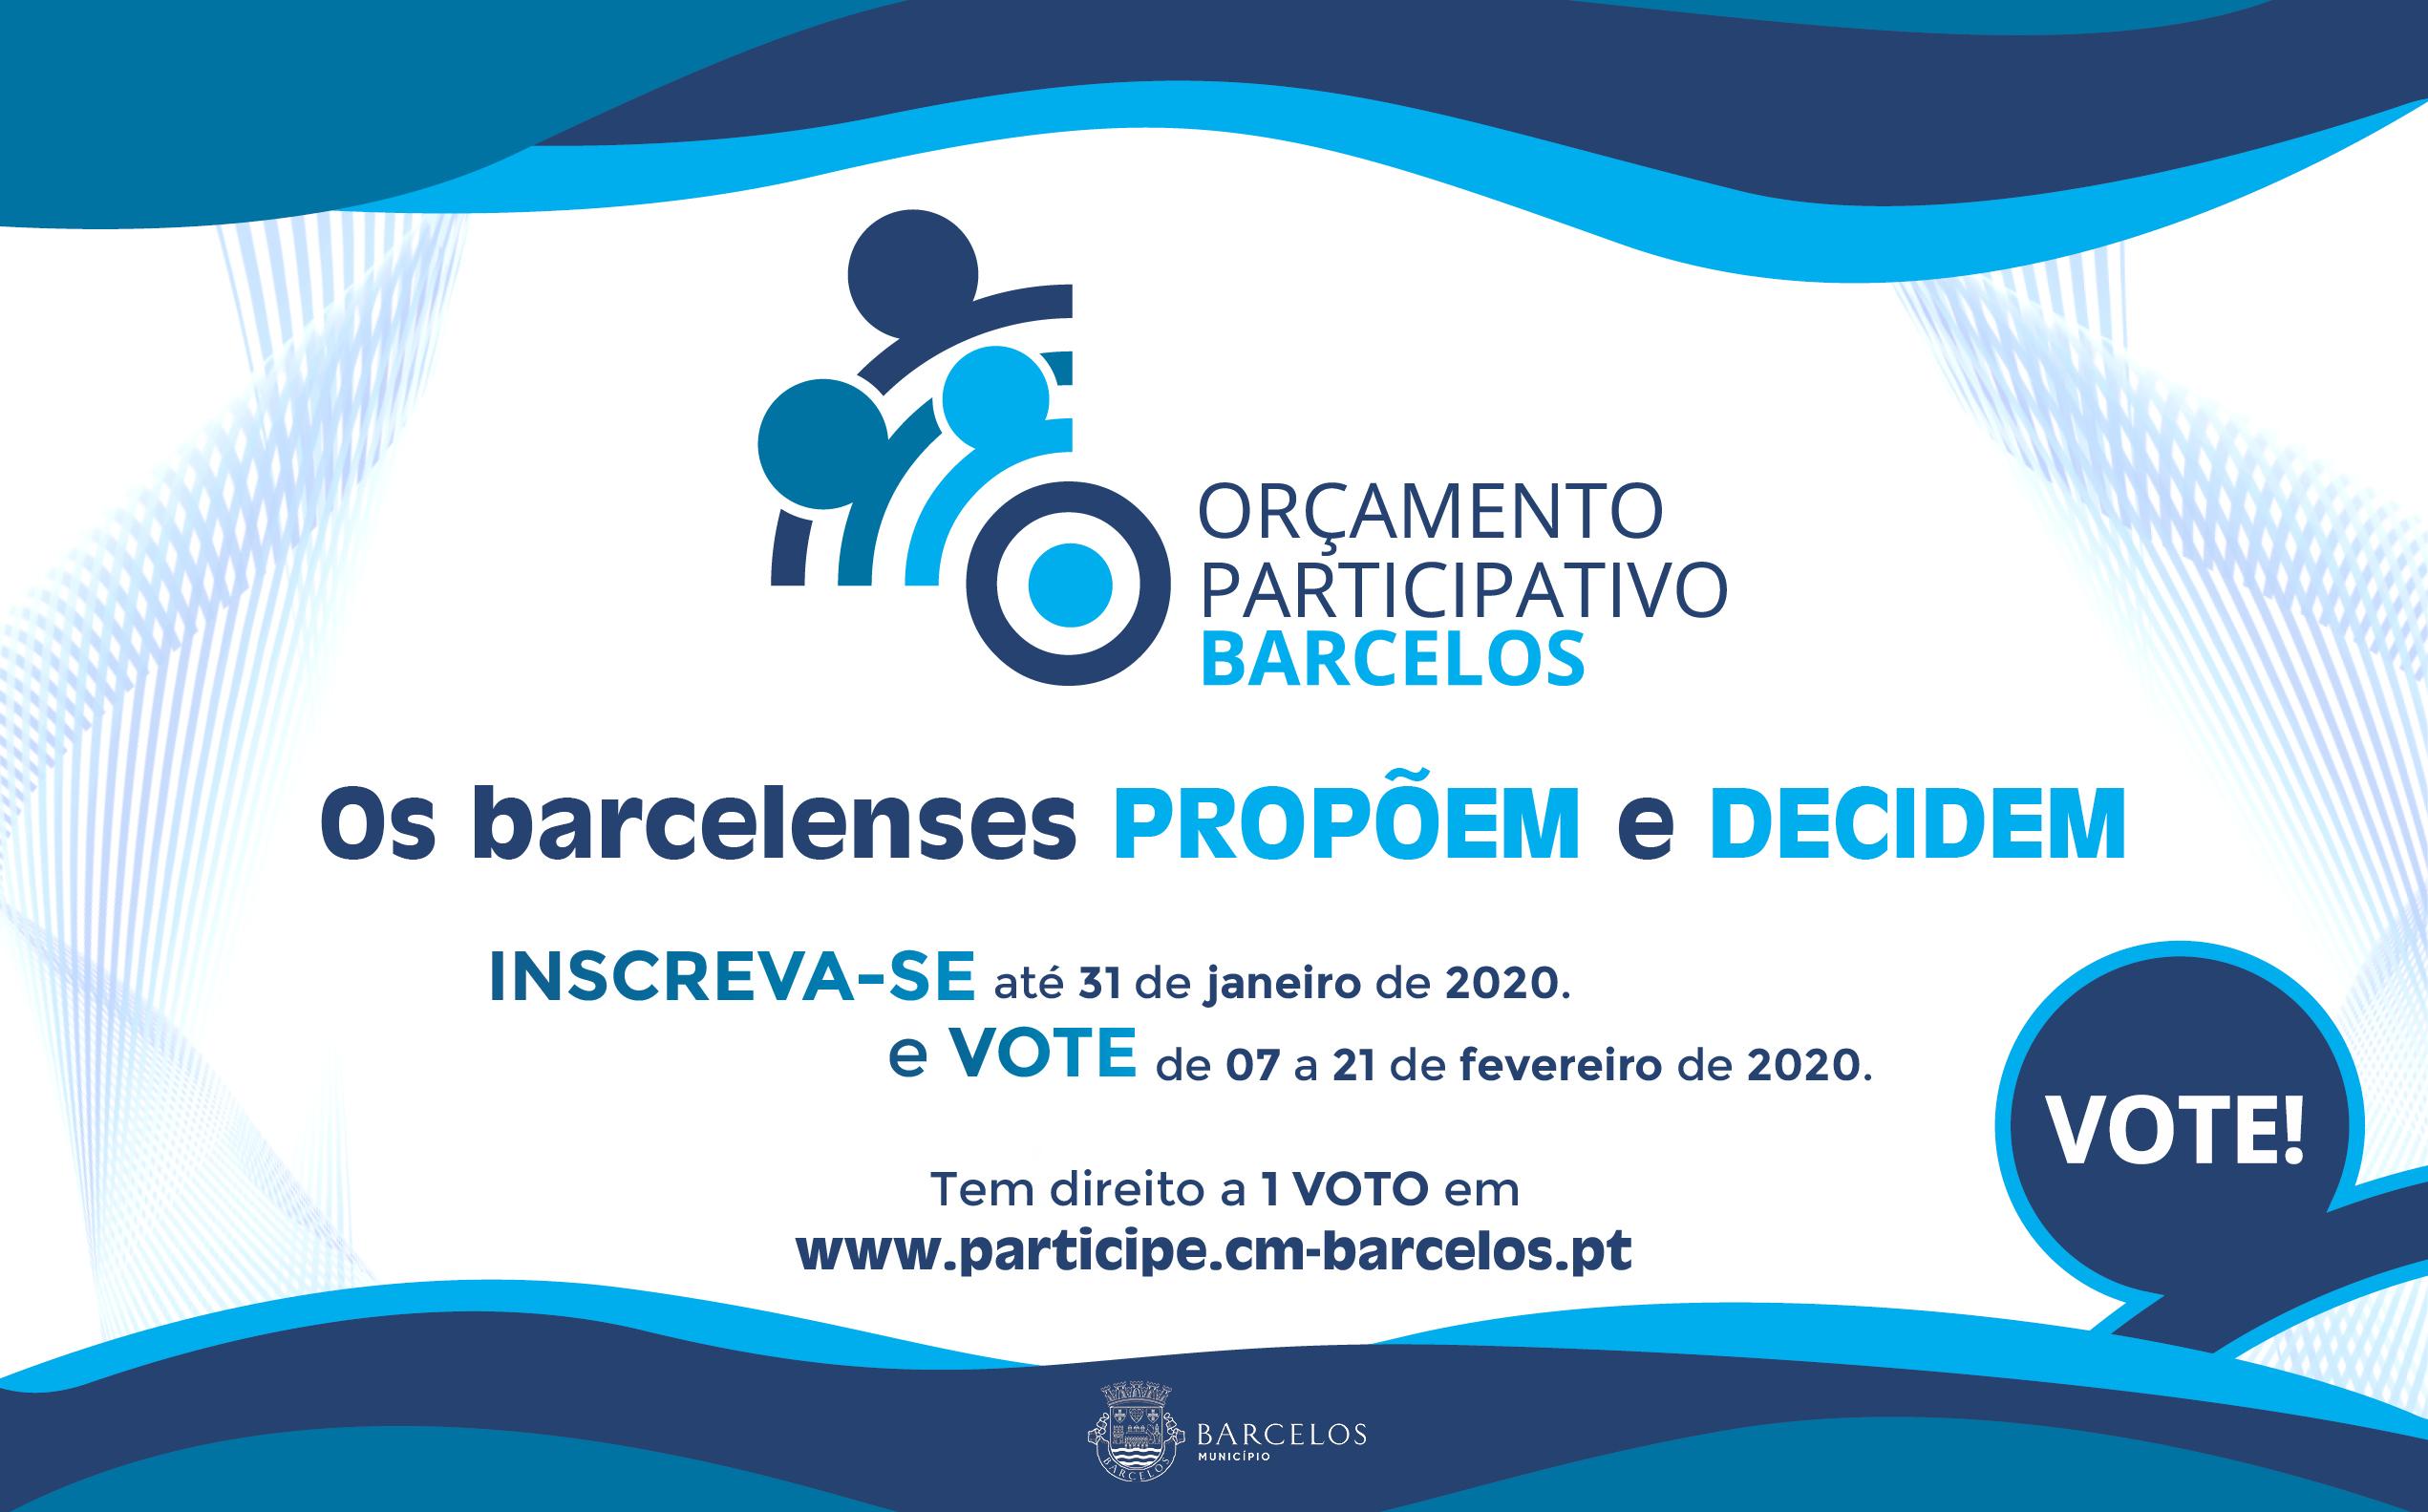 Já são conhecidos os projetos aprovados no Orçamento Participativo de Barcelos 2019